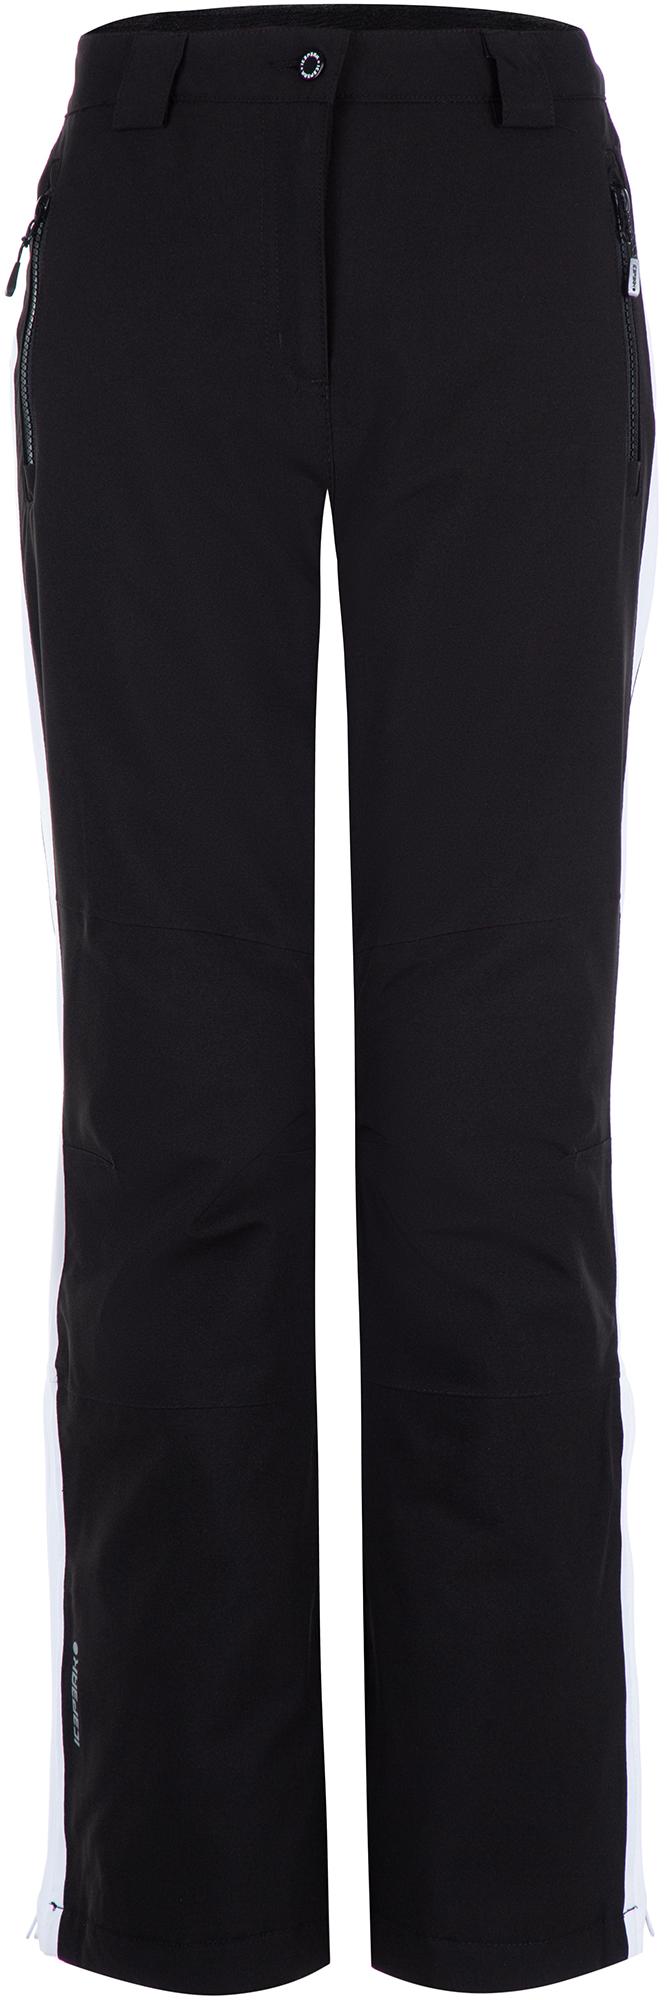 IcePeak Брюки утепленные для девочек IcePeak Lacon, размер 164 костюм куртка брюки для девочек icepeak 452002654iv цвет фиолетовый р 164 100%полиэстер 740